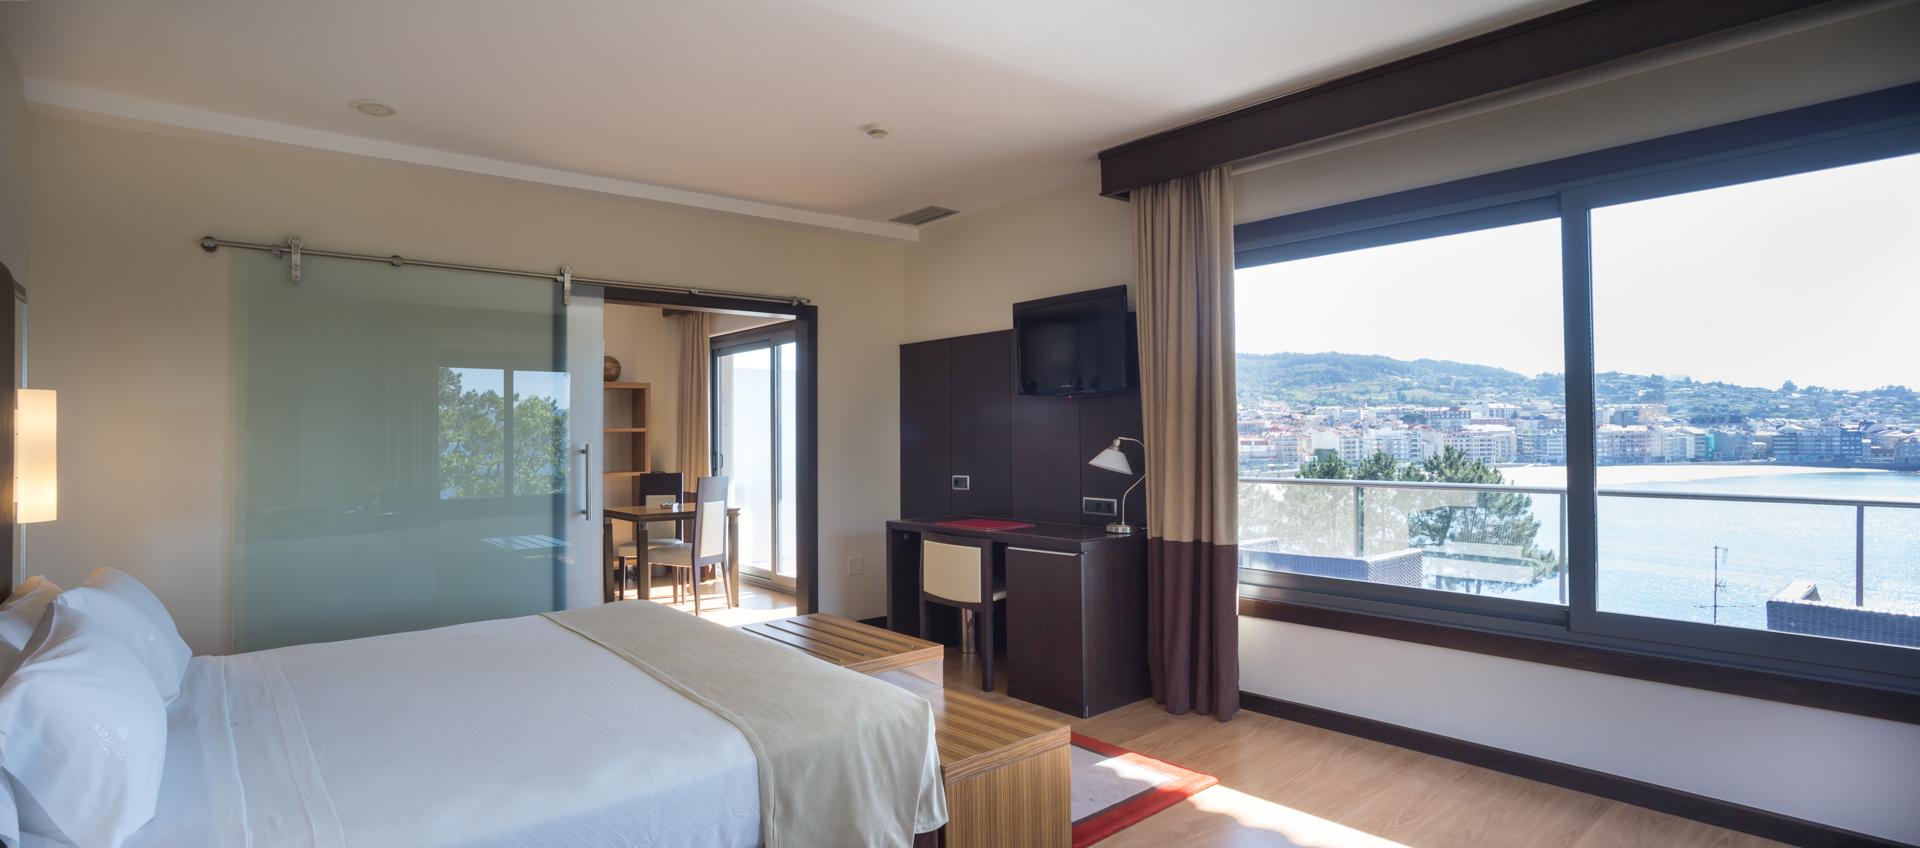 Habitación de hotel con vistas al mar